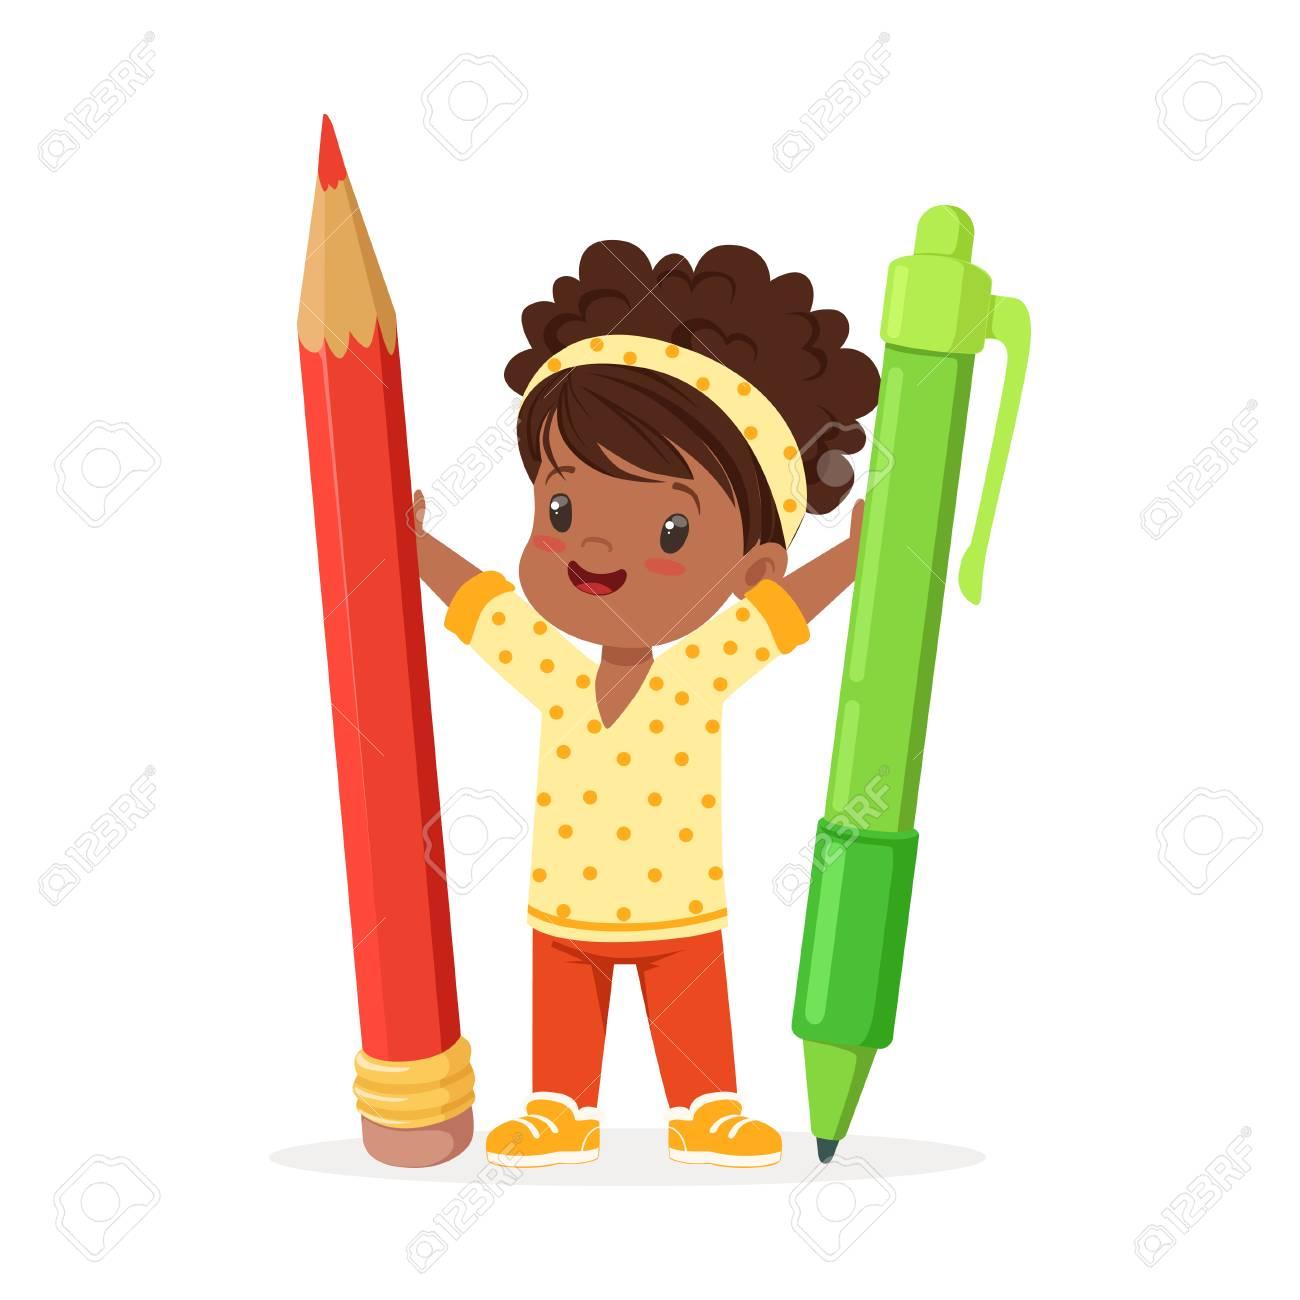 Mignonne Petite Fille Noire Tenant Un Crayon Rouge Geant Et Vecteur